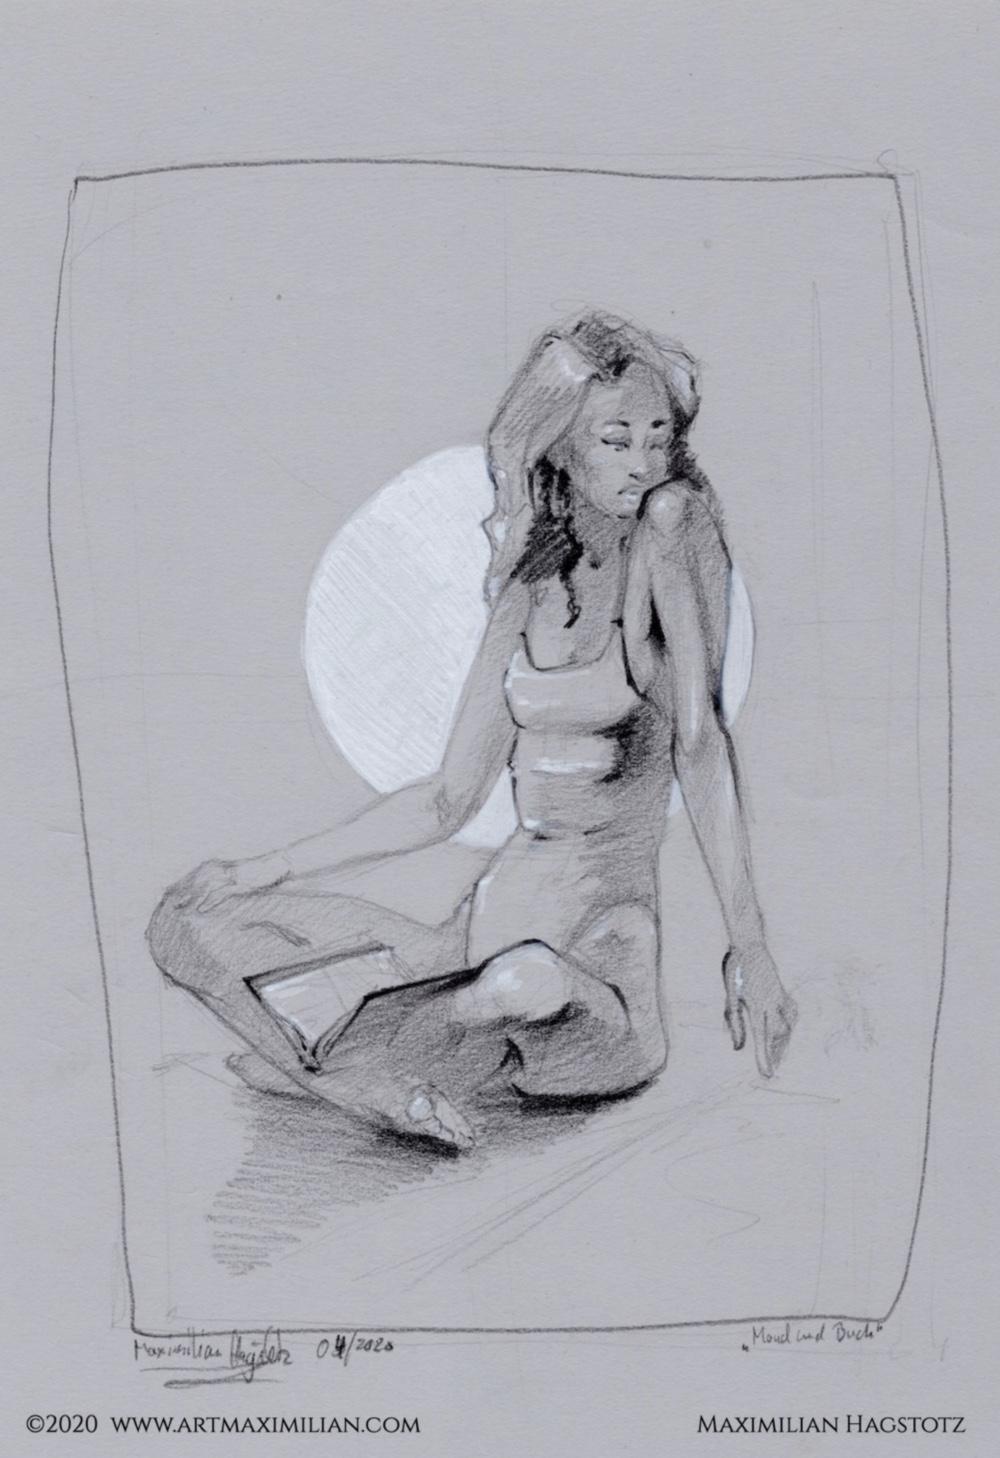 Akt Mond Buch Zeichnung Kunst Max art